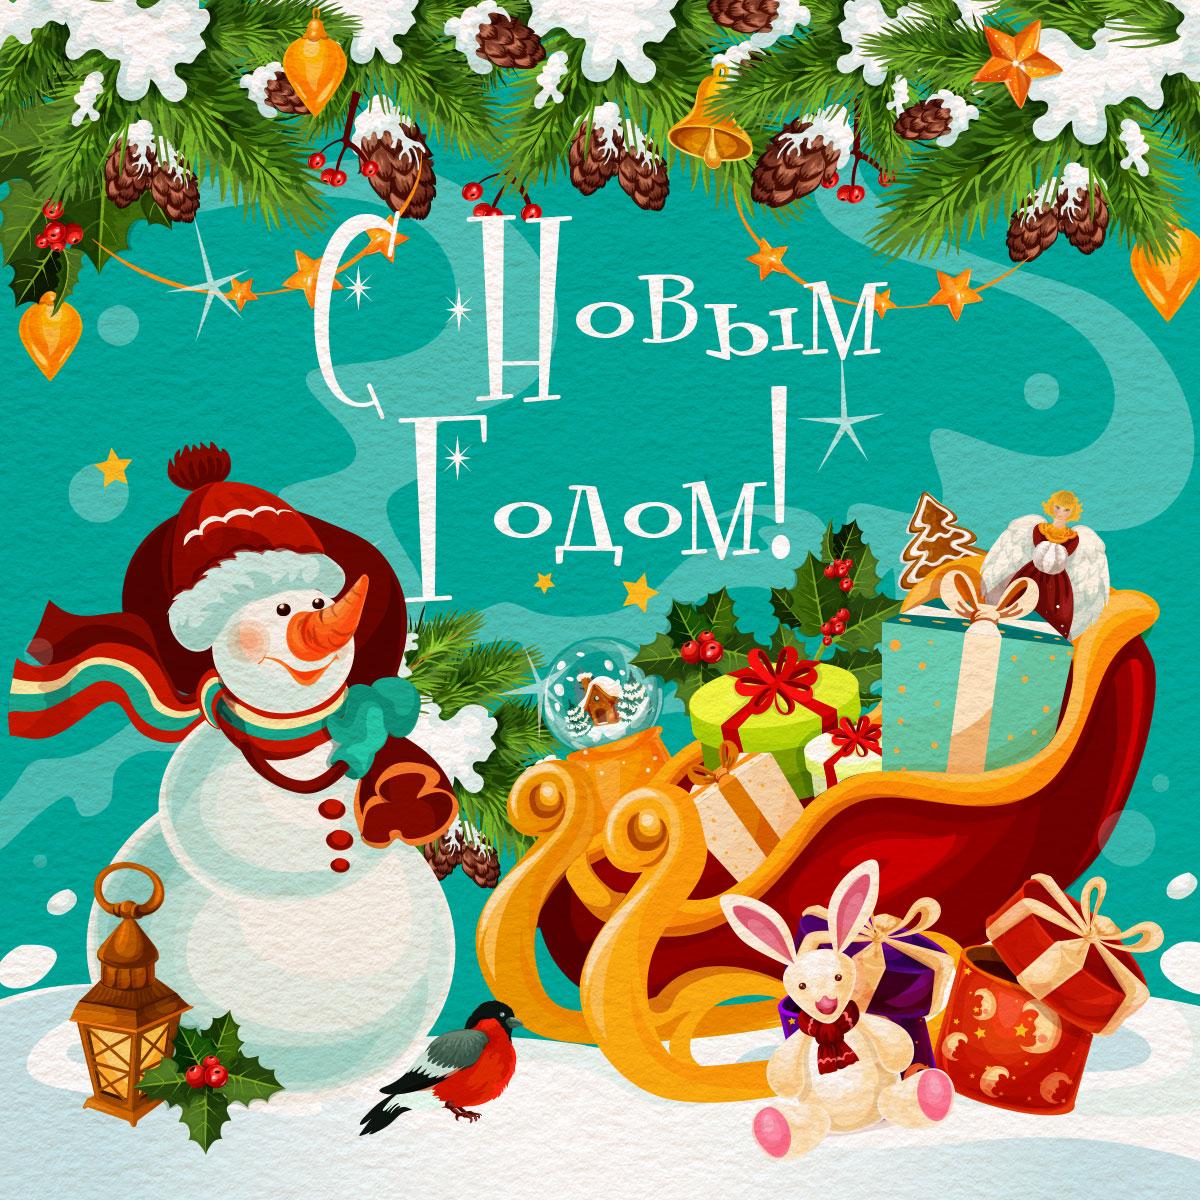 Картинка со счастливым снеговиком, укладывающим подарки в сани.